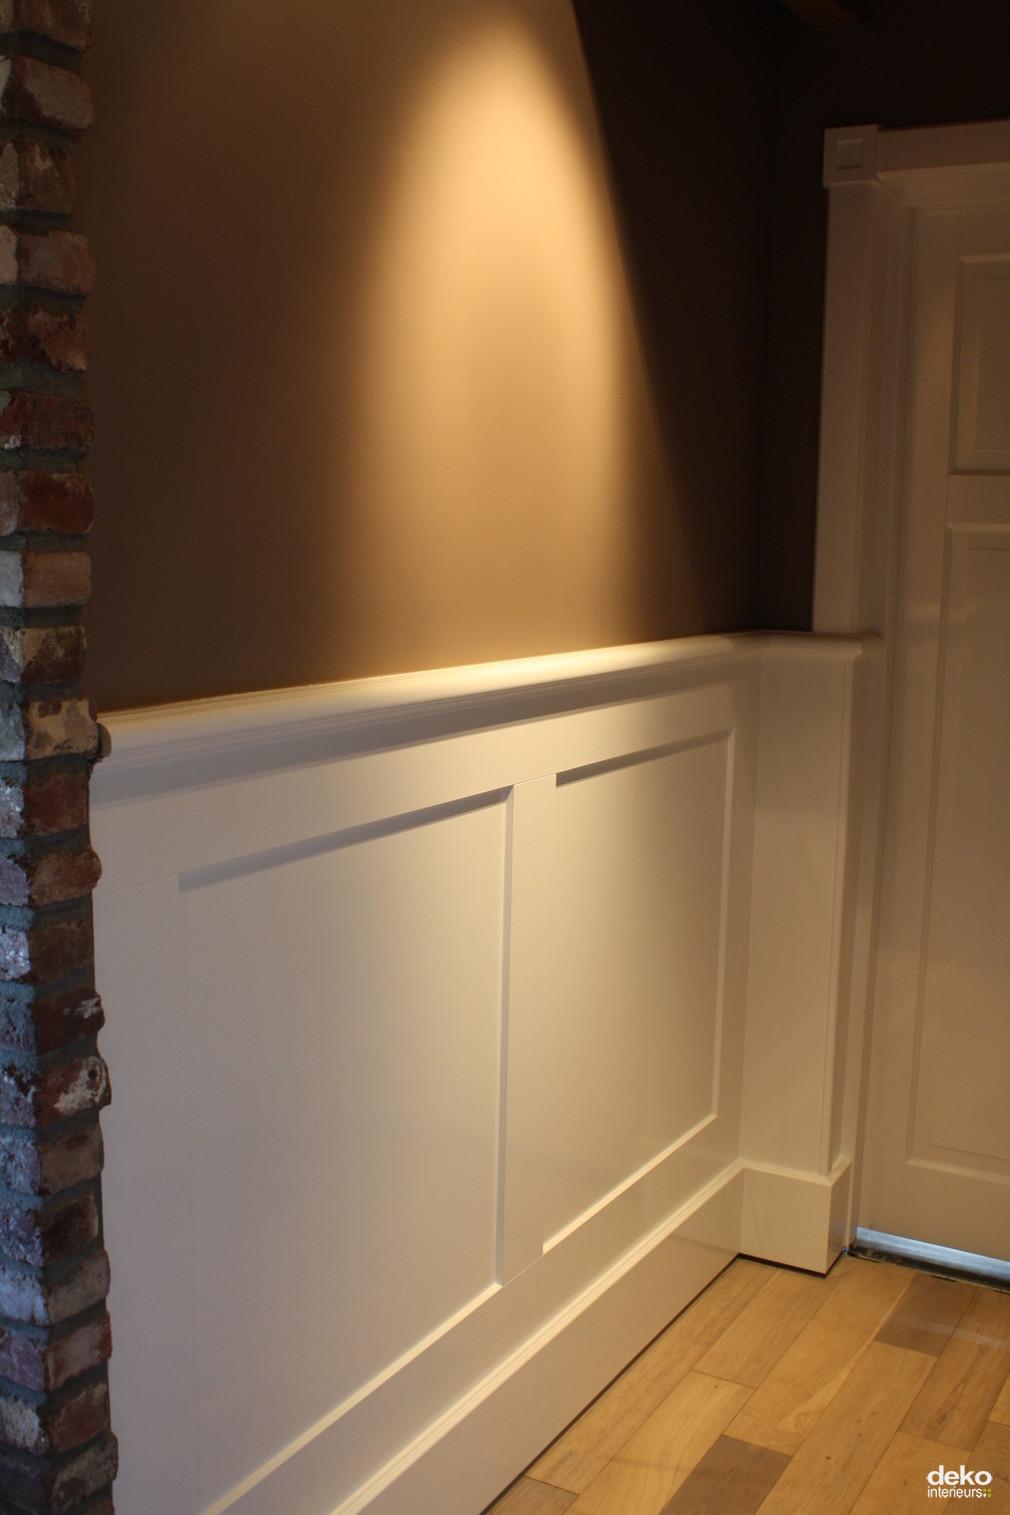 Lambrisering in combinatie met architraven maatwerk interieurbouw van deko for Gang grijs en wit